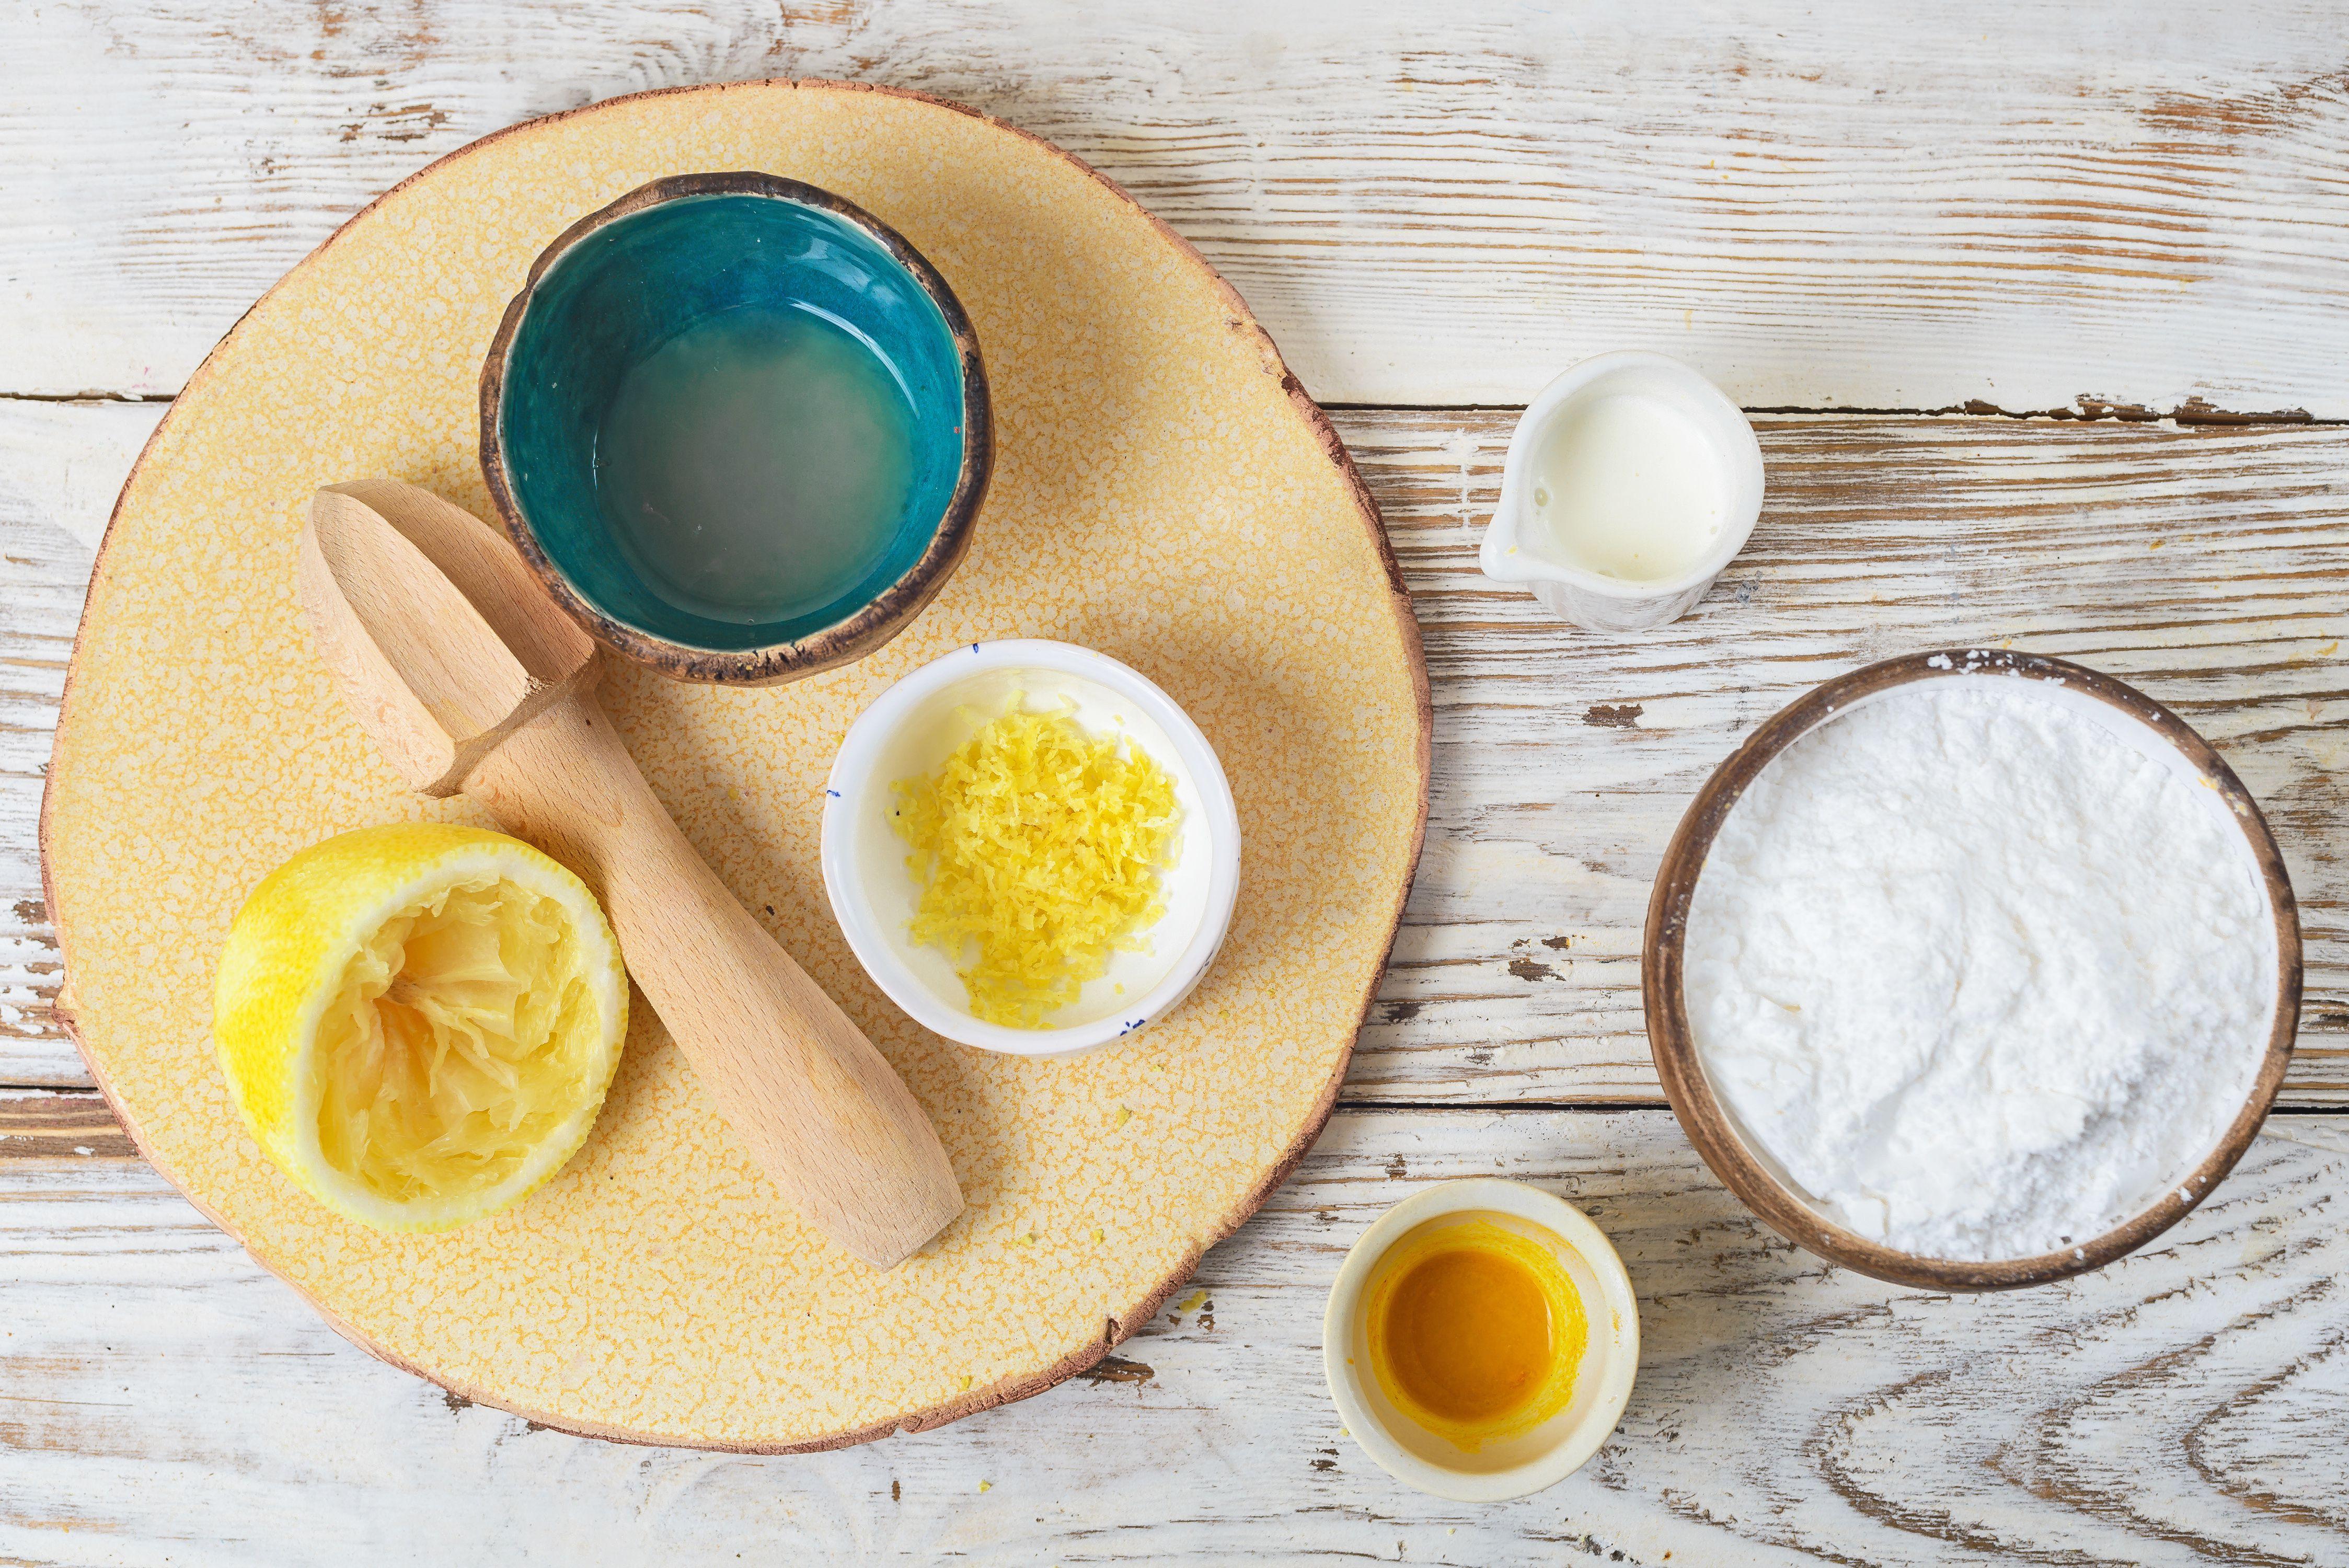 Ingredients for lemon glaze icing